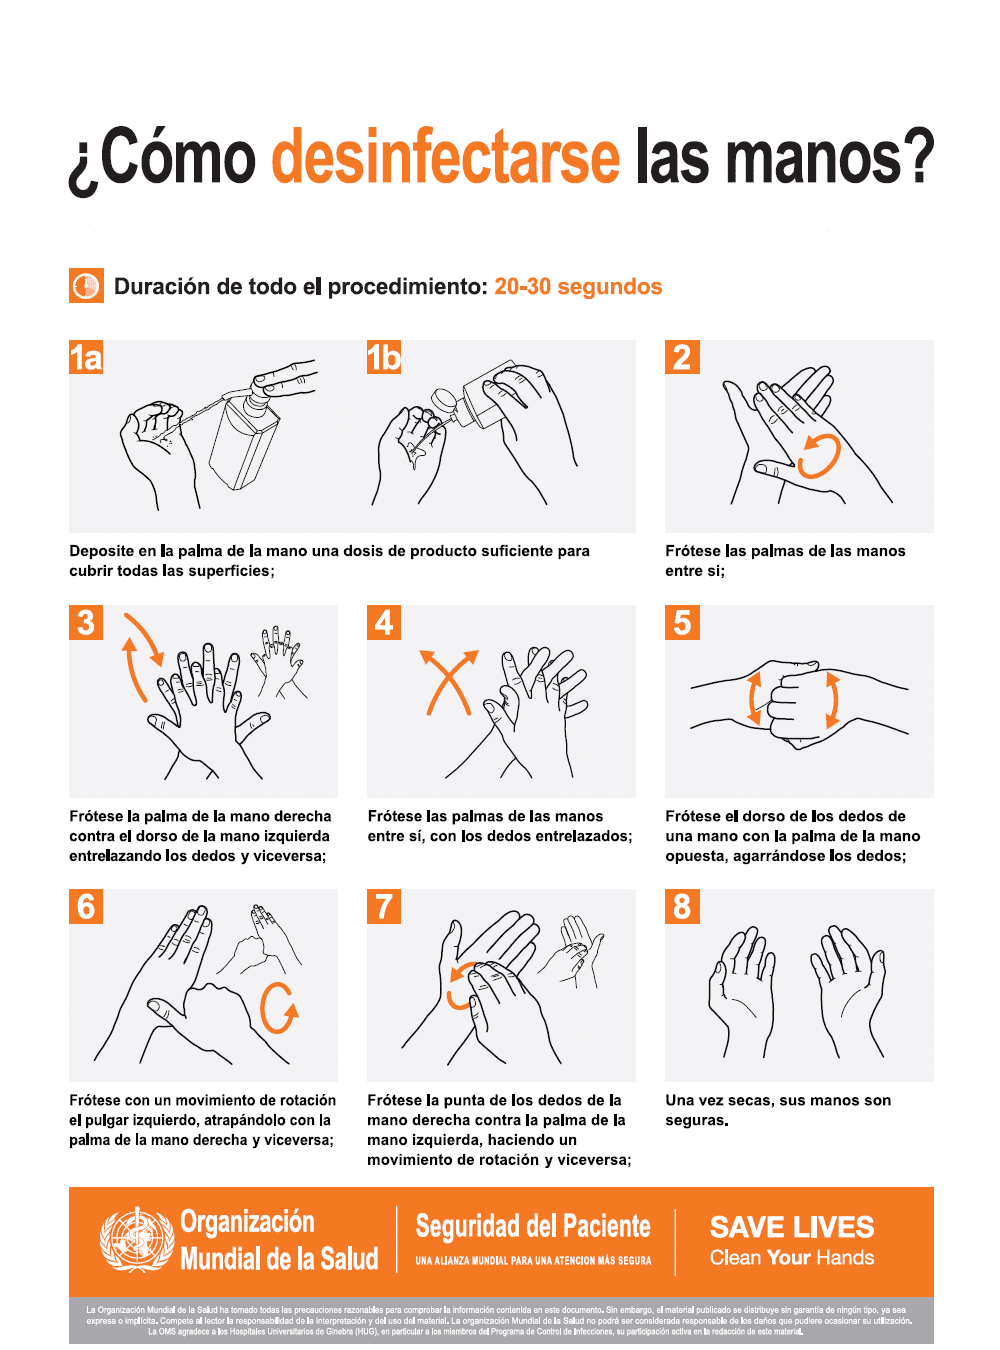 Protocolo desinfección de manos de la OMS - Covid-19